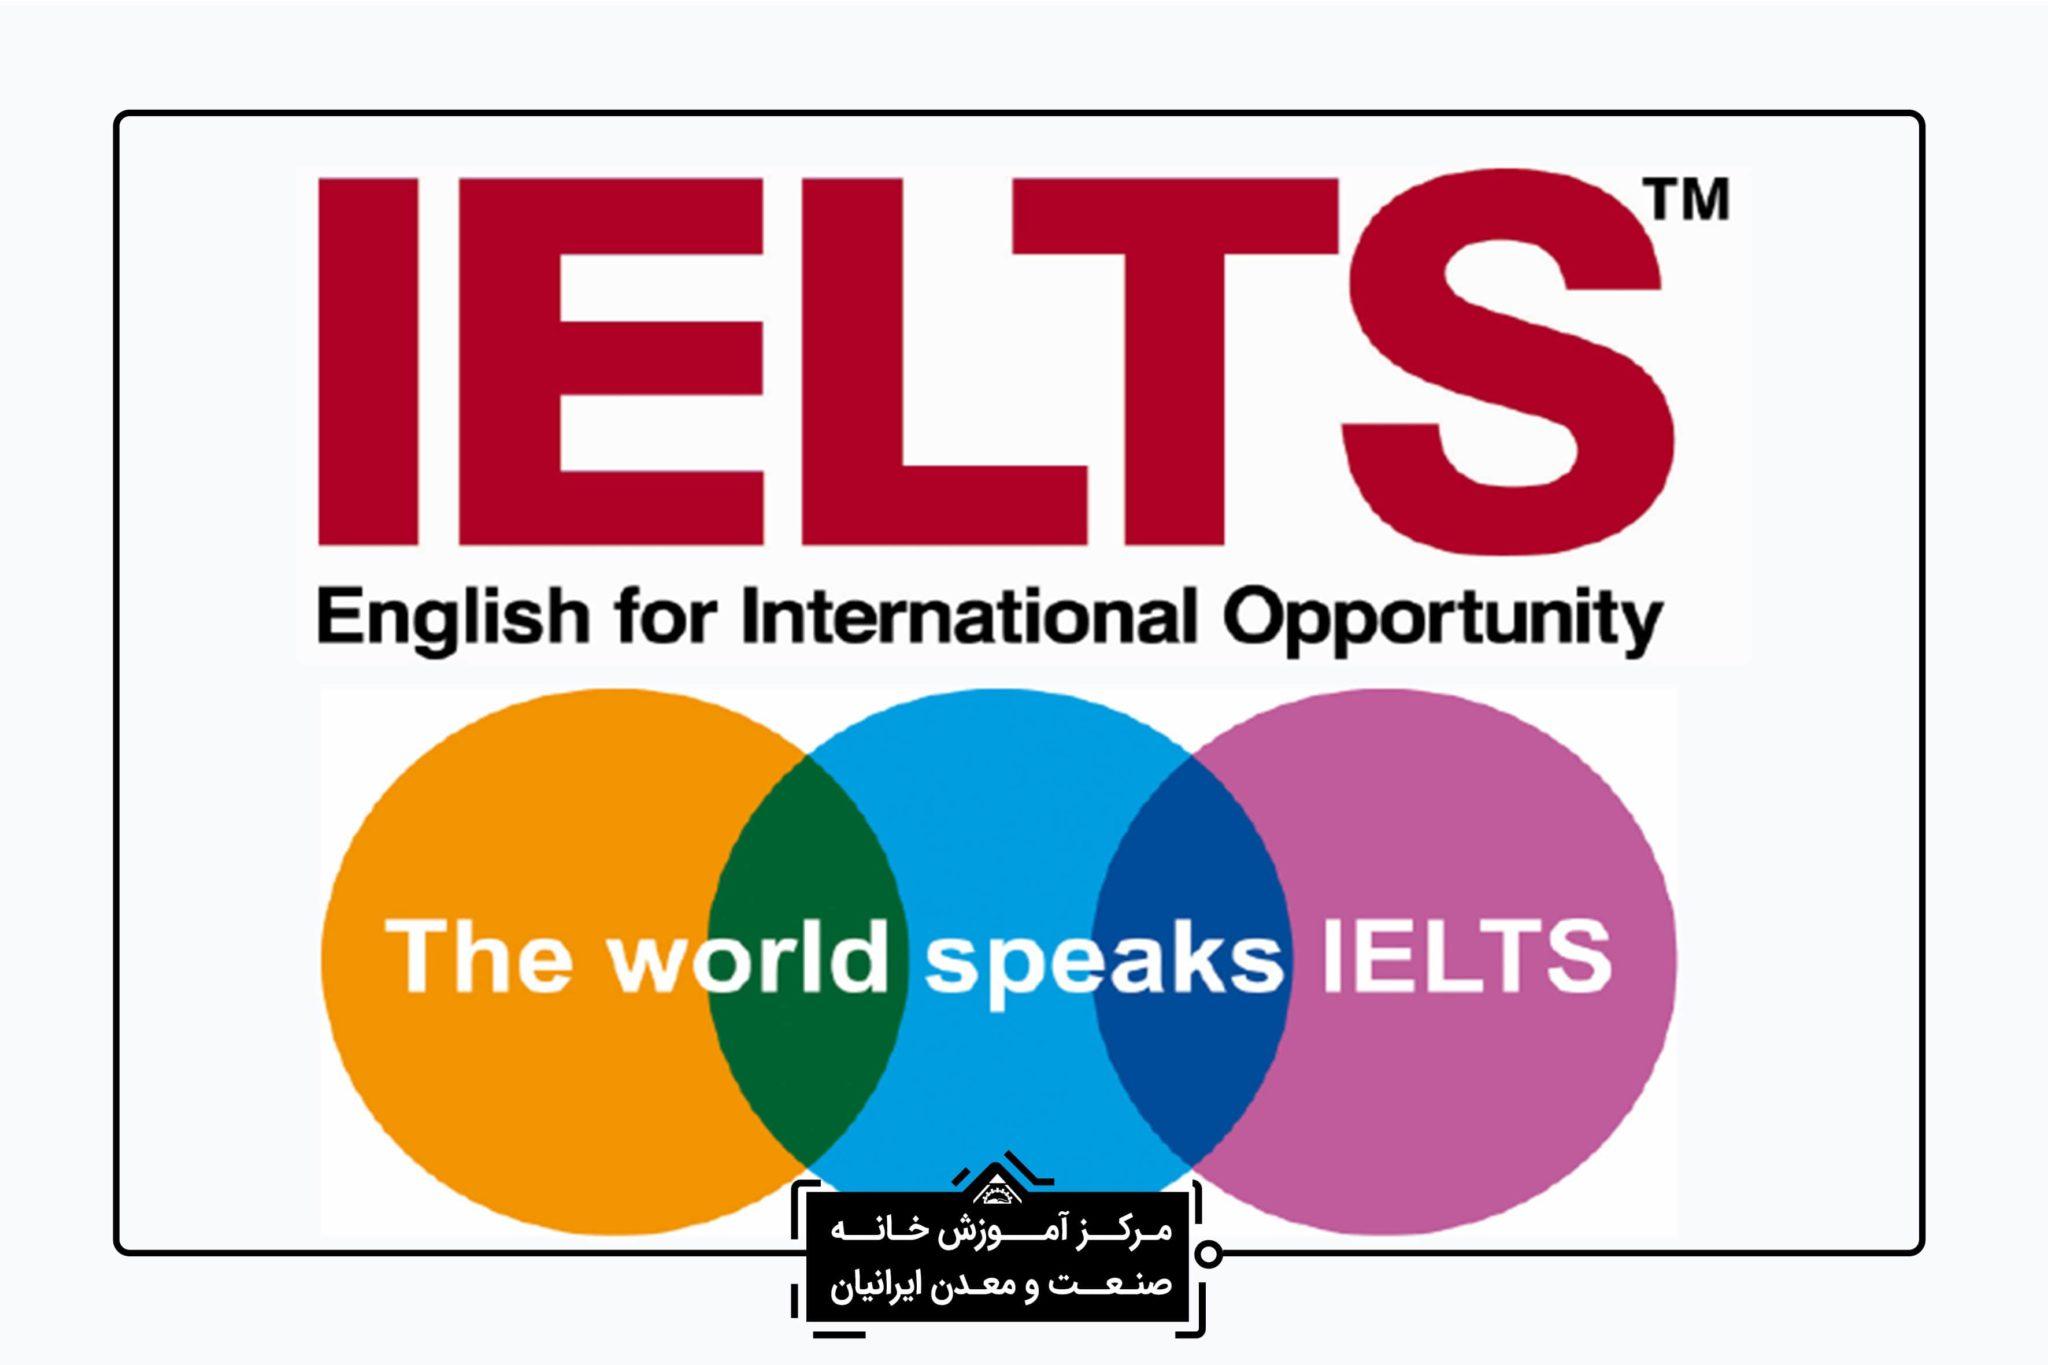 ایلتس در شیراز min - کلاس ایلتس در شیراز